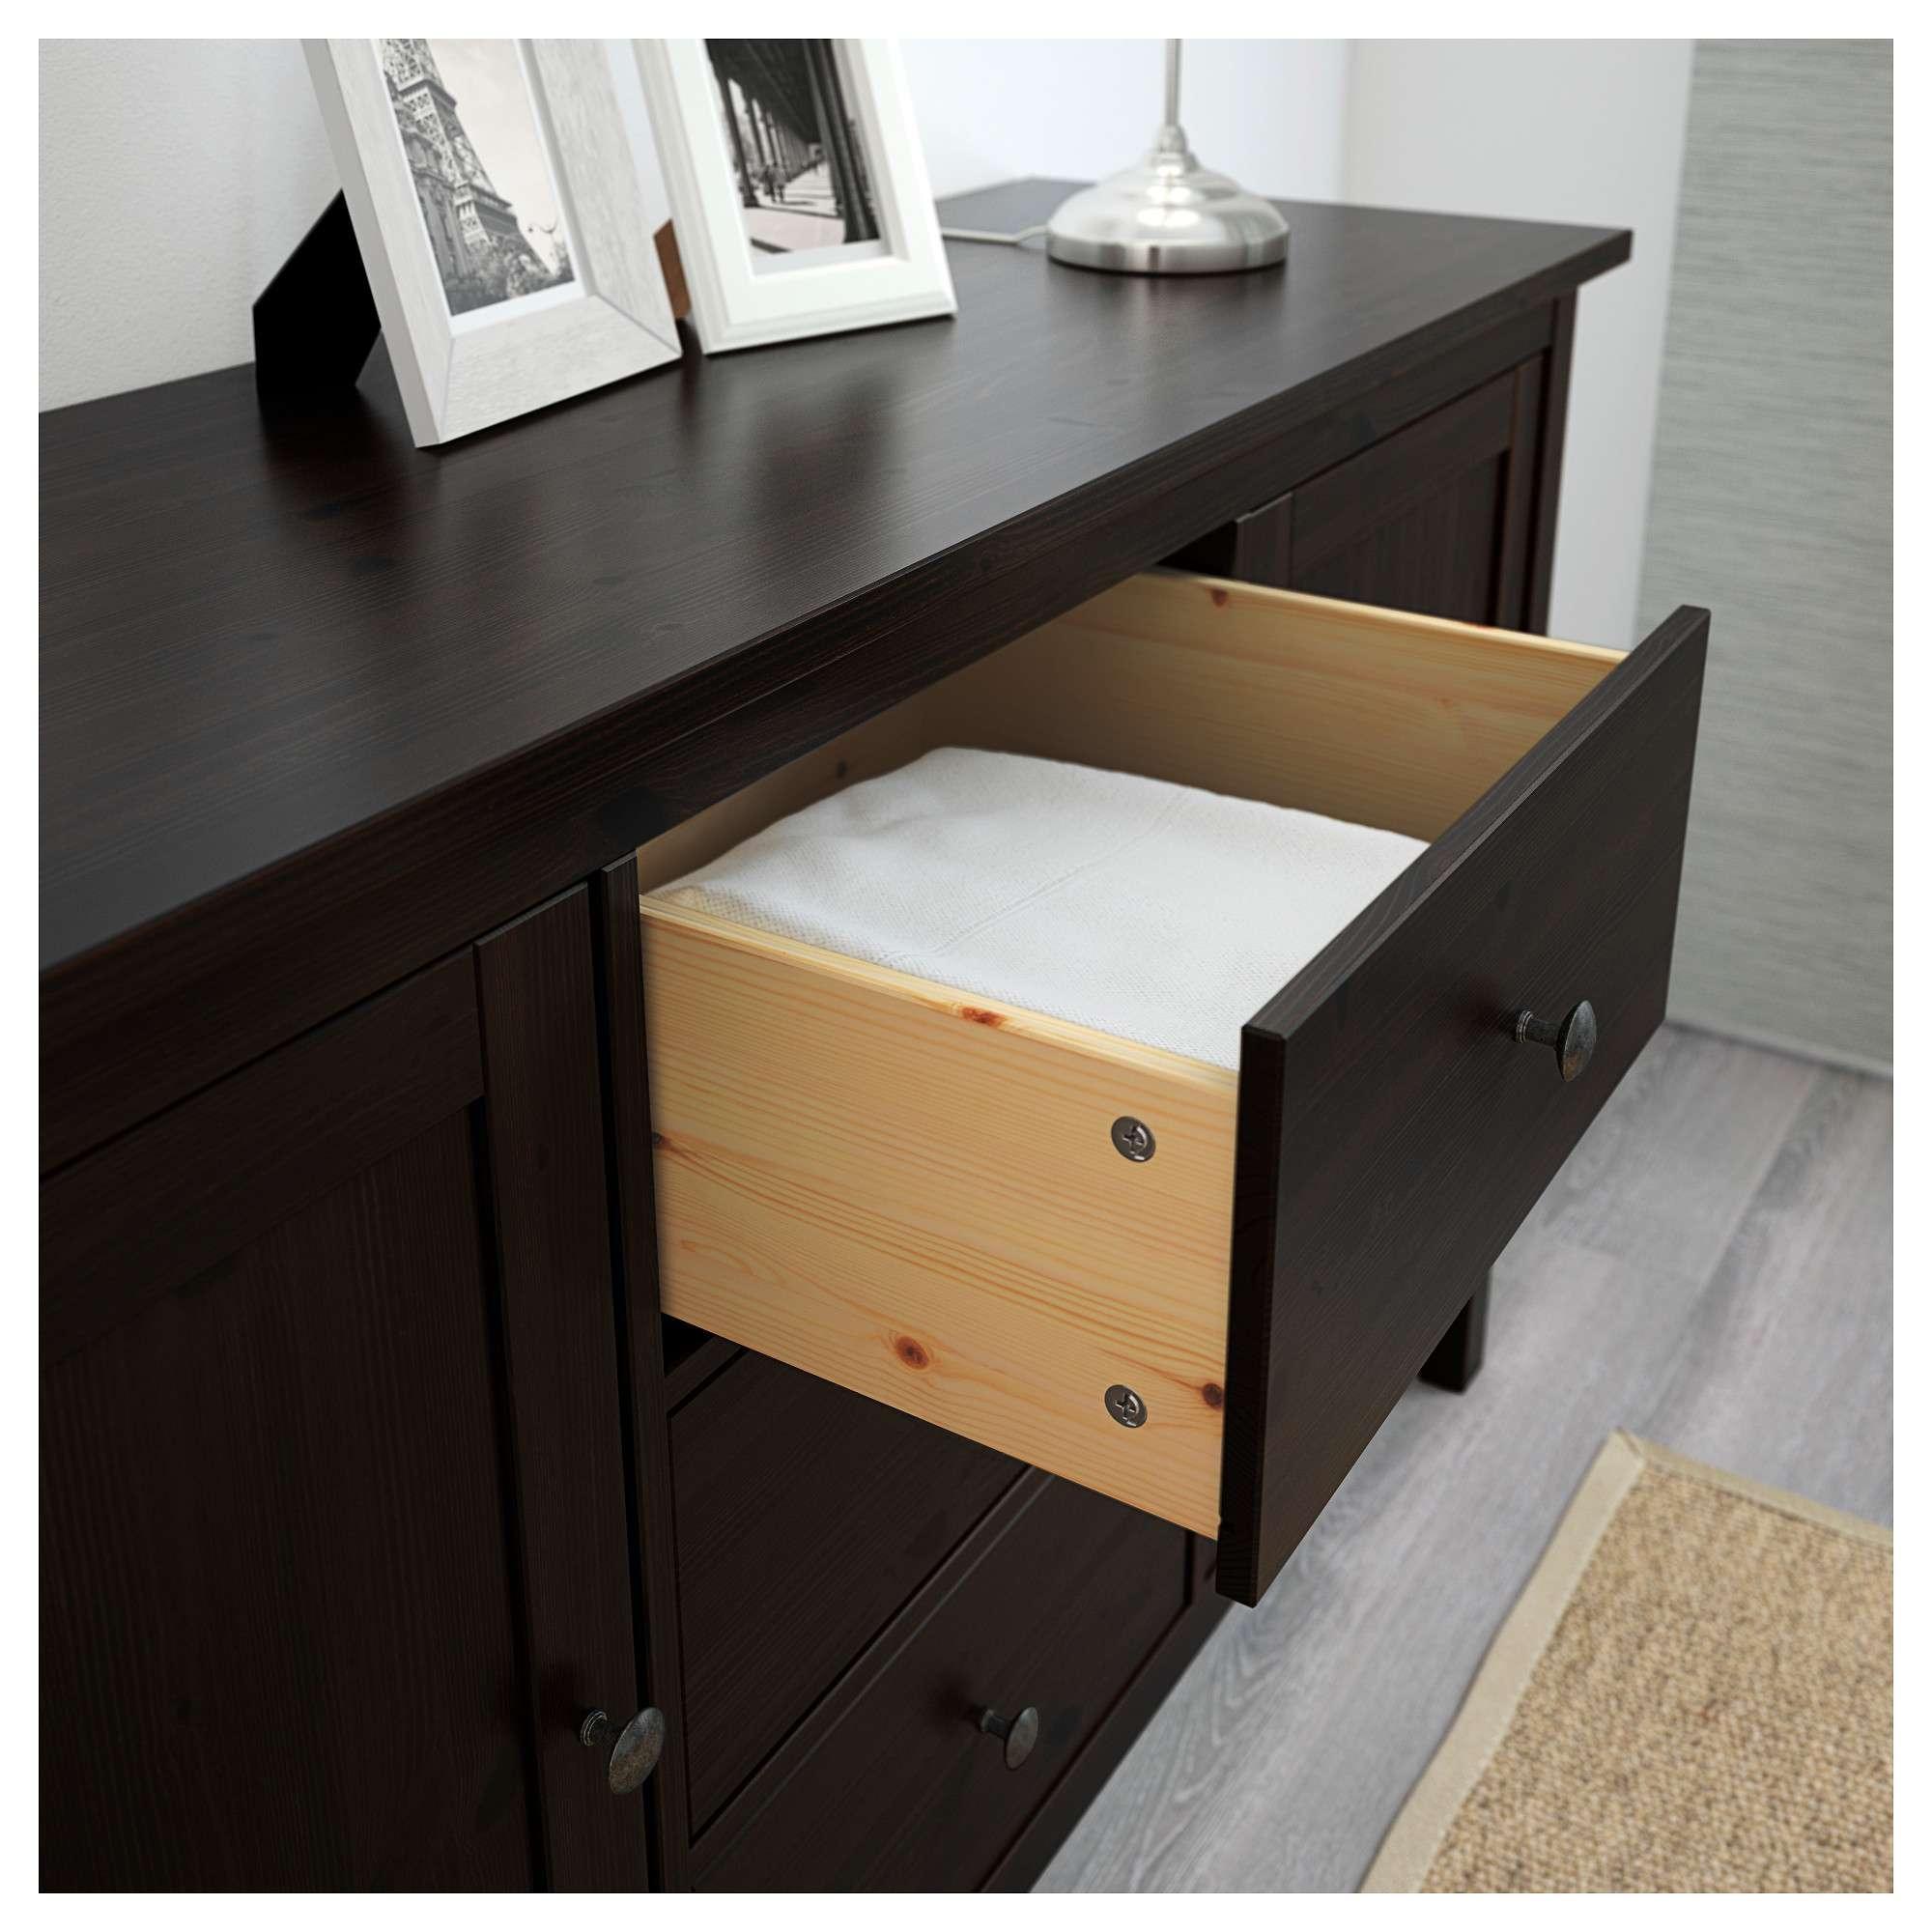 Hemnes Sideboard Black Brown 157x88 Cm – Ikea Inside Black Brown Sideboards (View 15 of 20)